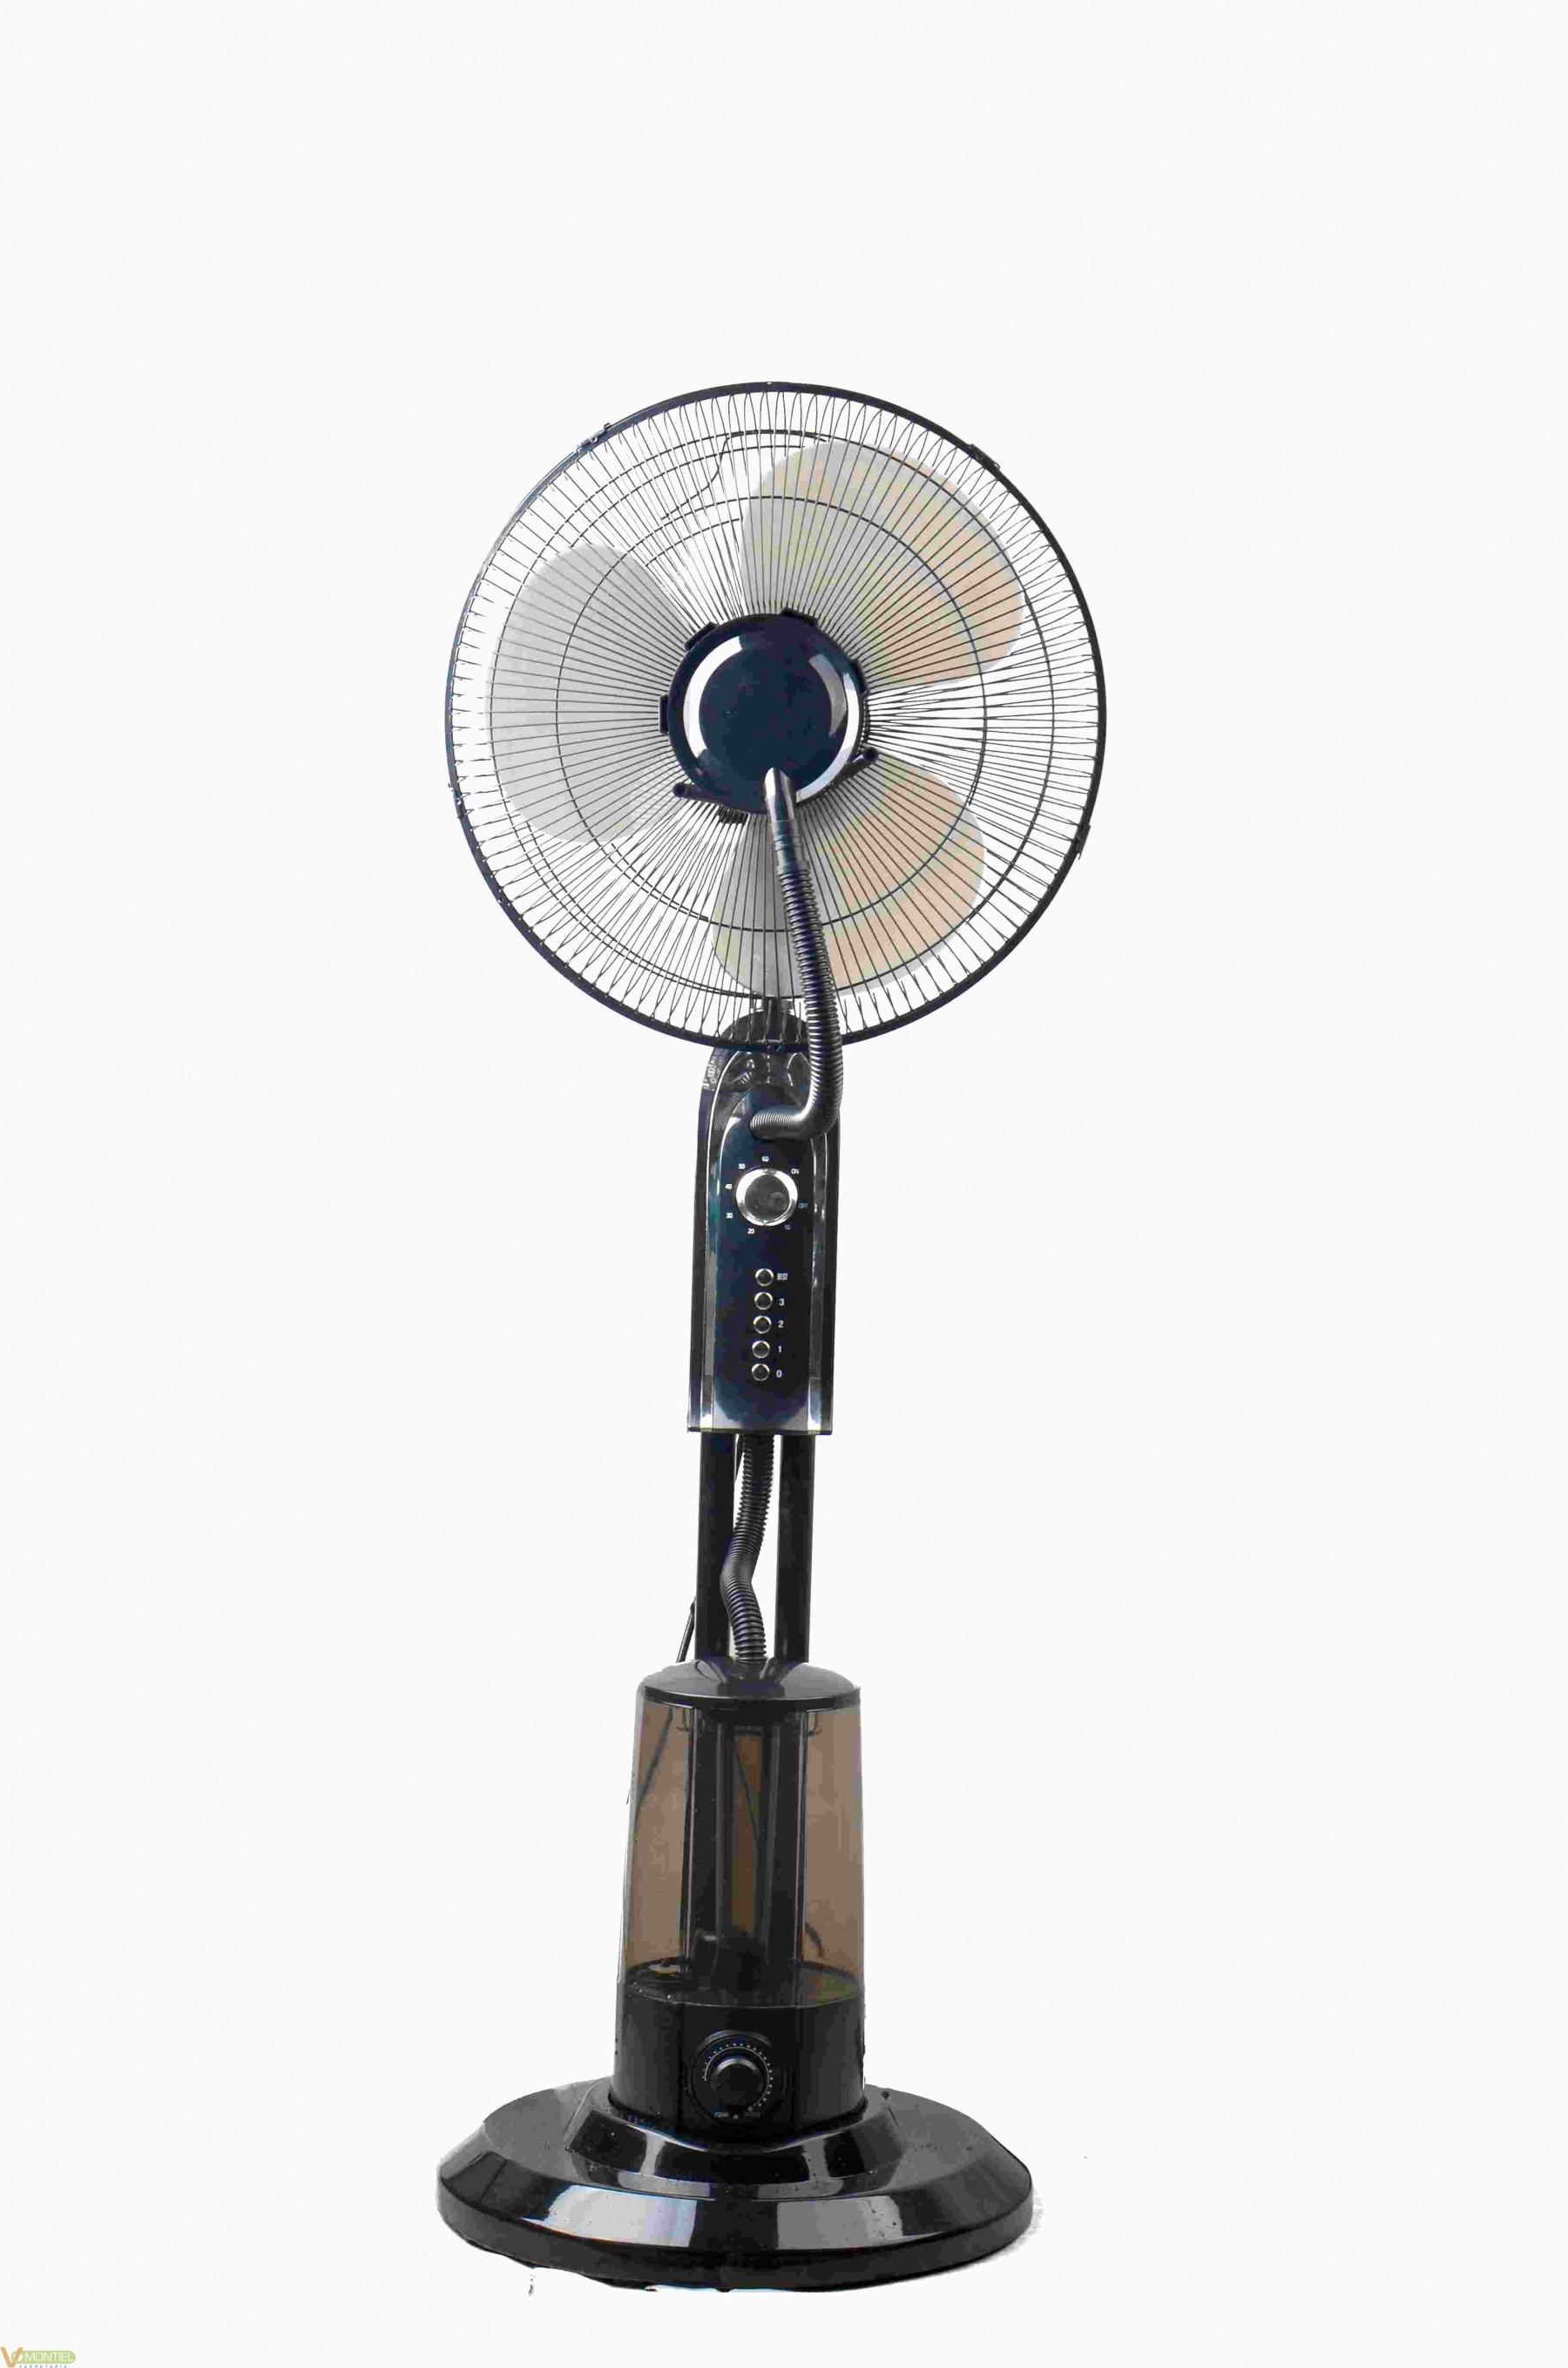 Ventilador pie 75w-3v 40cm neb-0